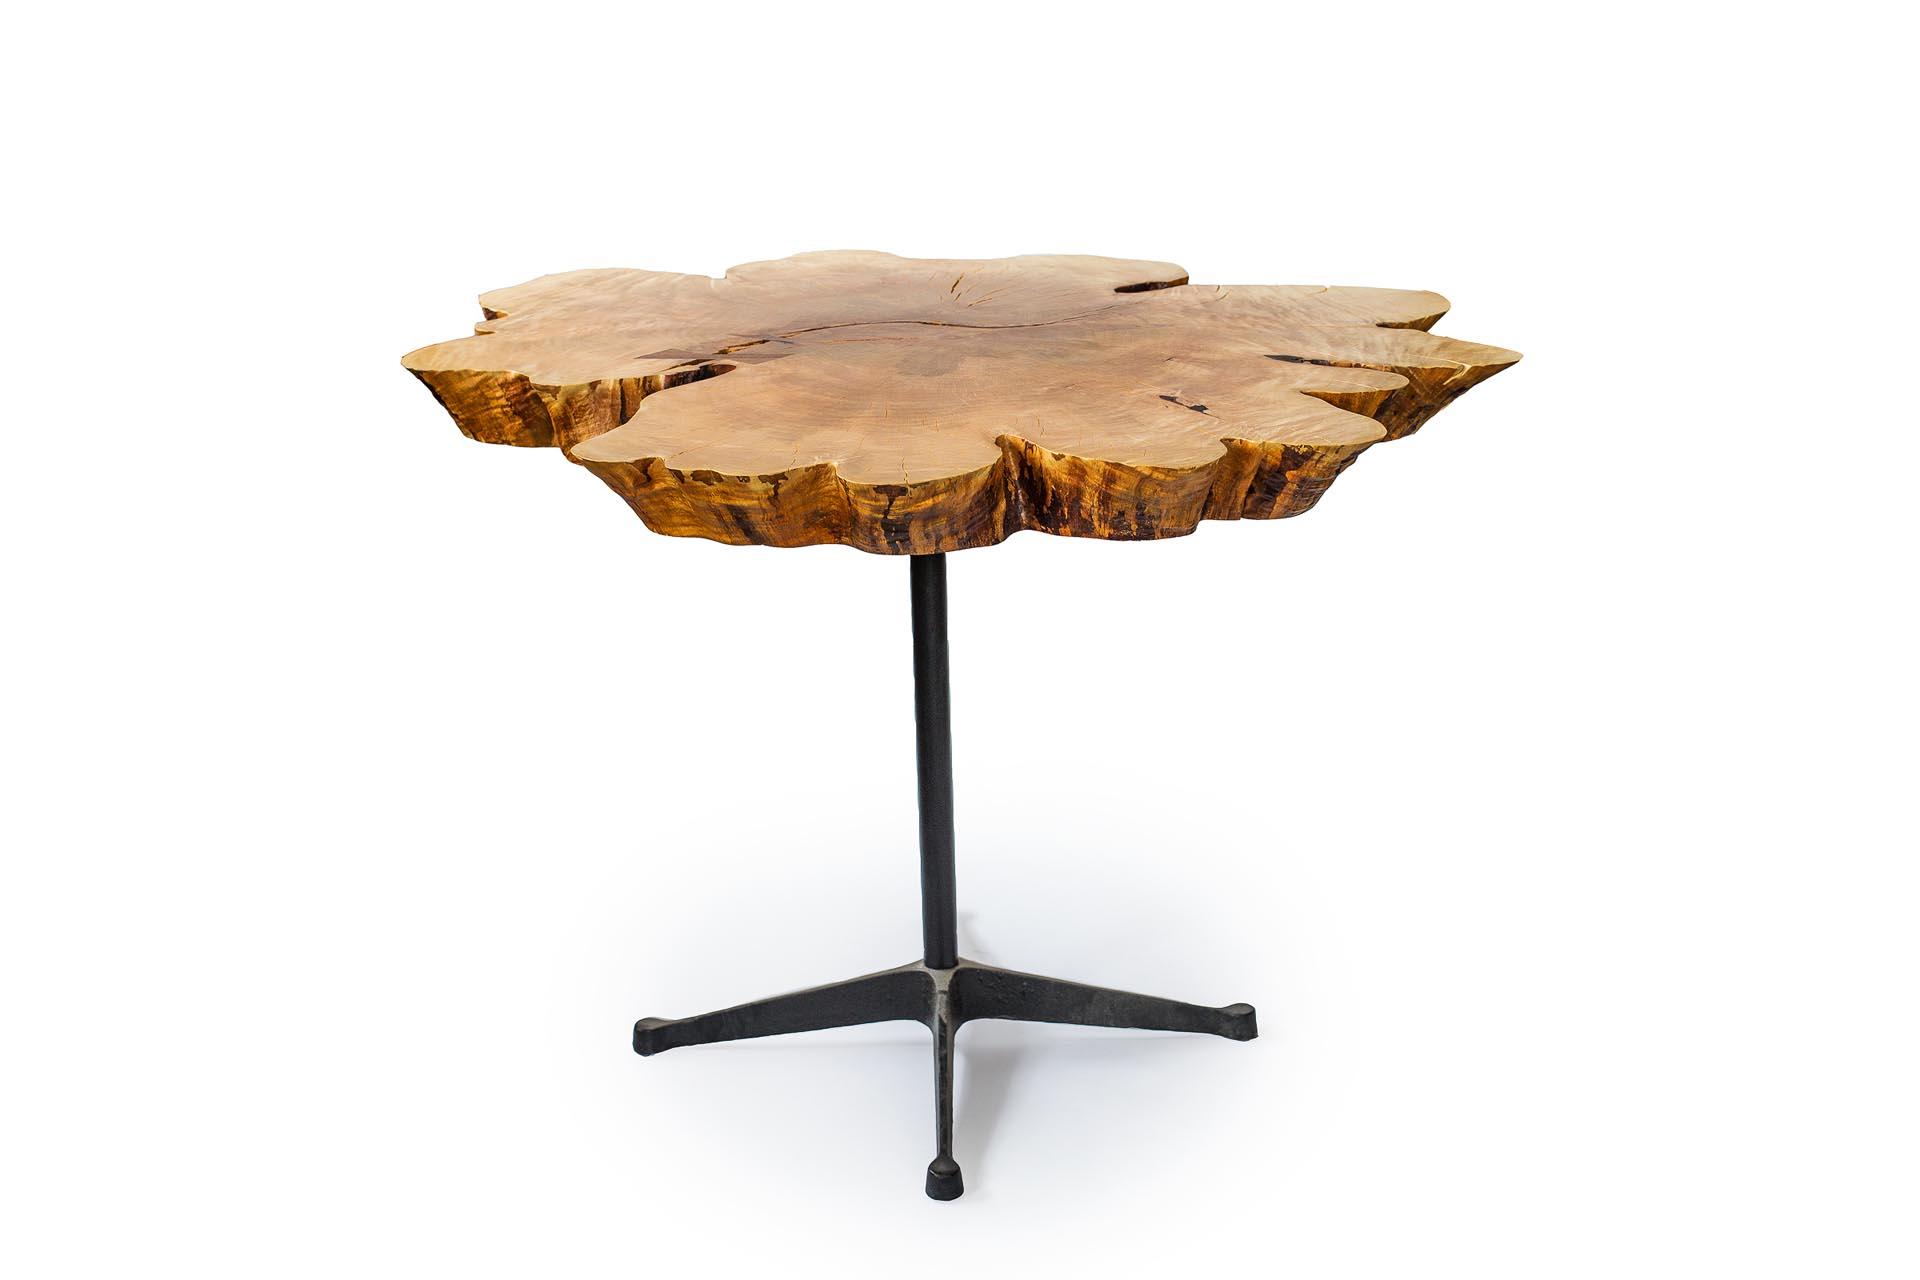 Table-cafe-rondelle-slab-mobilier-design-montreal